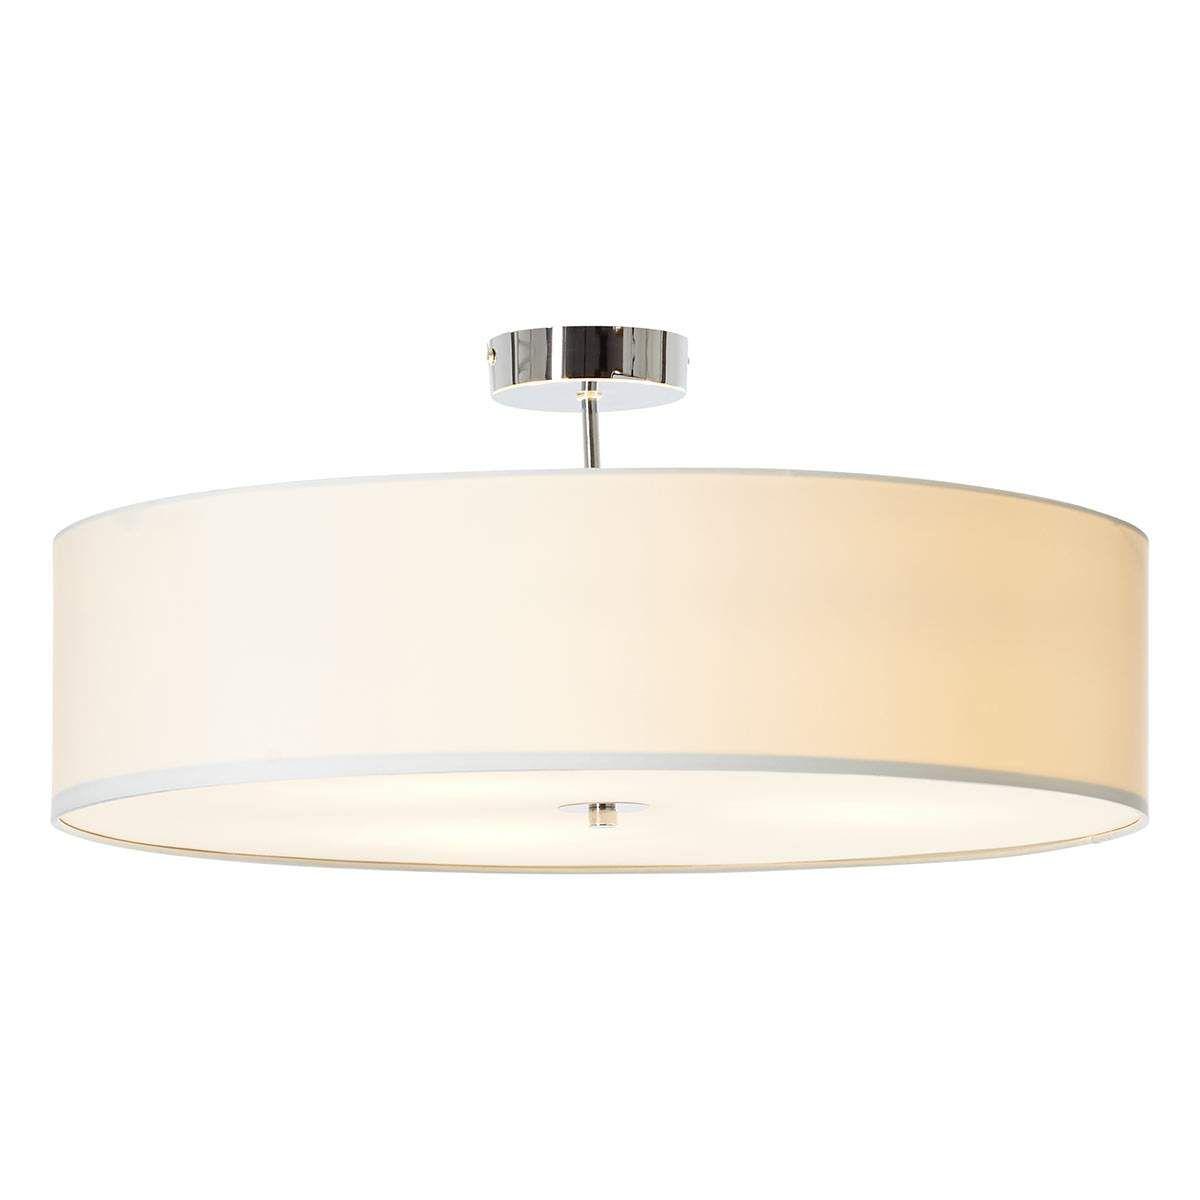 Textil Deckenlampe Andria 60 Cm Weiss Deckenlampe Lampen Und